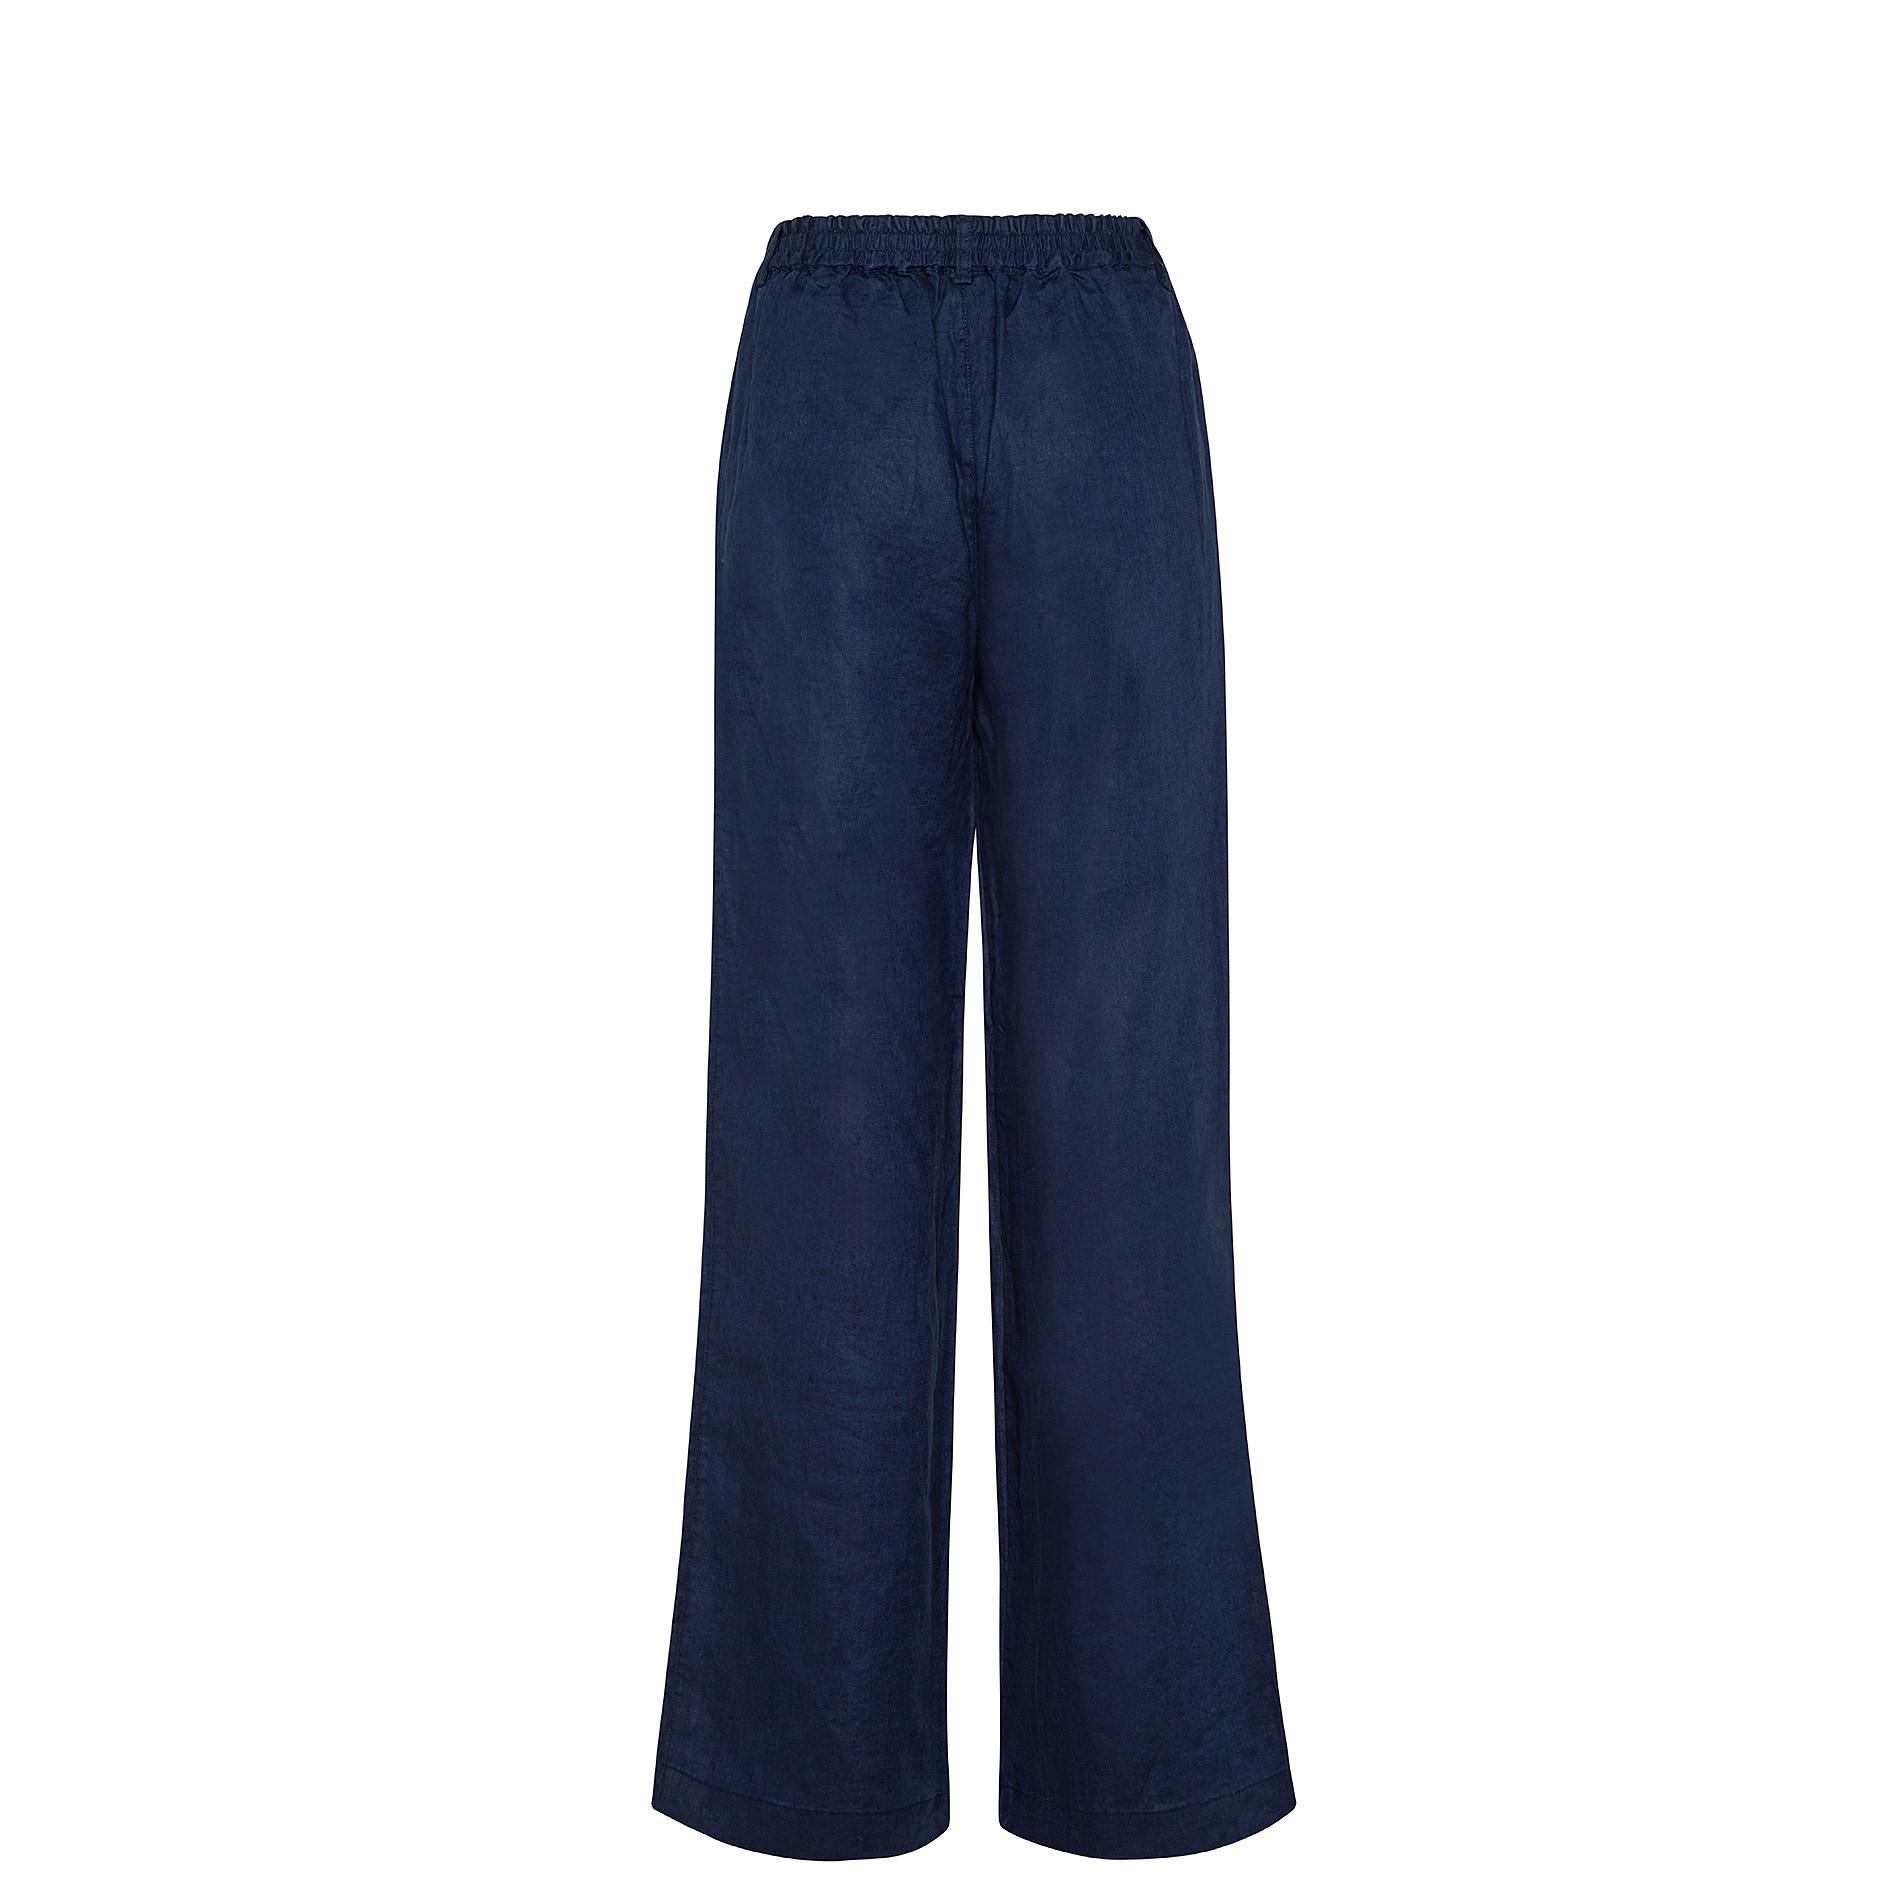 Pantalone morbido 100% lino Koan, Blu scuro, large image number 1